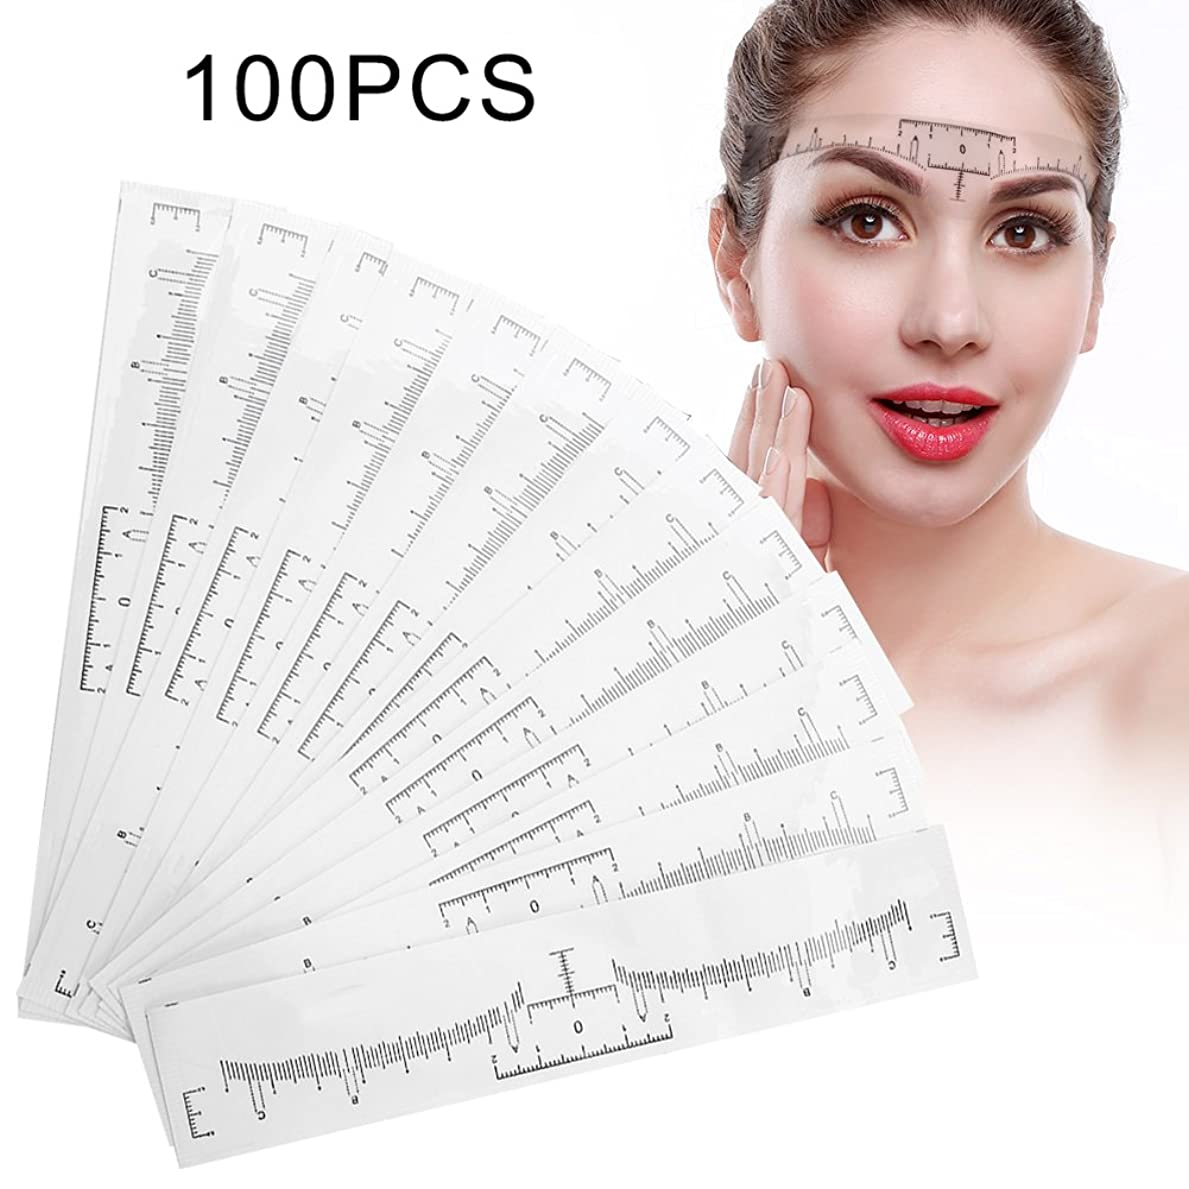 時々時々無法者宗教的なOchun 眉毛テンプレート 眉毛メイクツール 使い捨て 眉毛を描く 位置測定 3点測定メイク 左右対称 眉毛用ルーラー 粘着式 100点入り